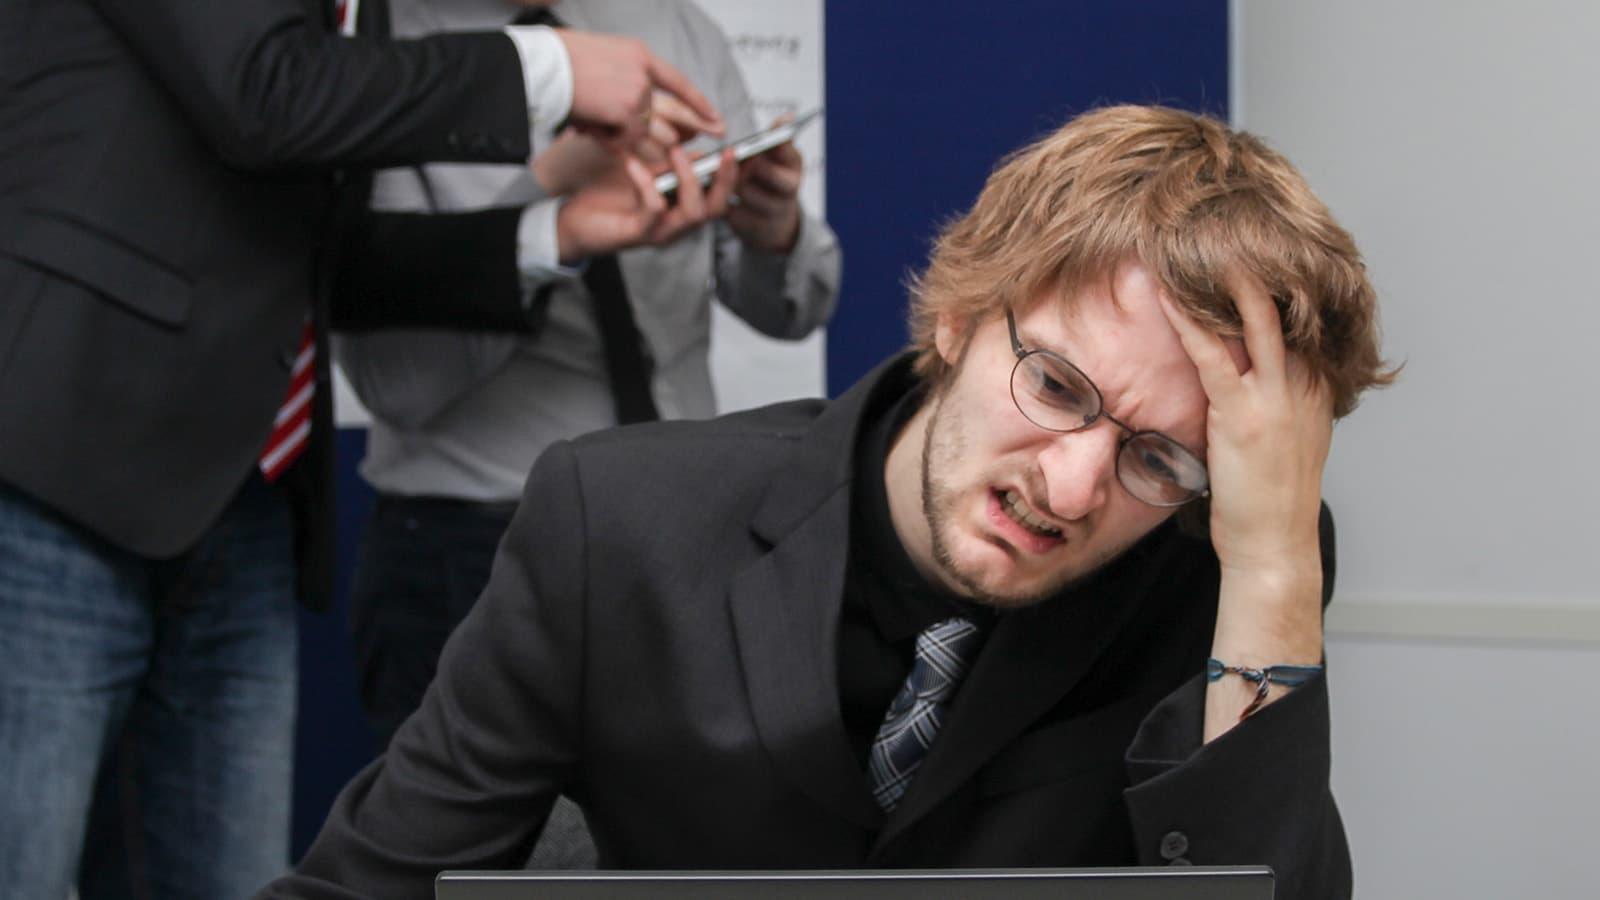 Frust im Job - Zeit für eine berufliche Neuorientierung?